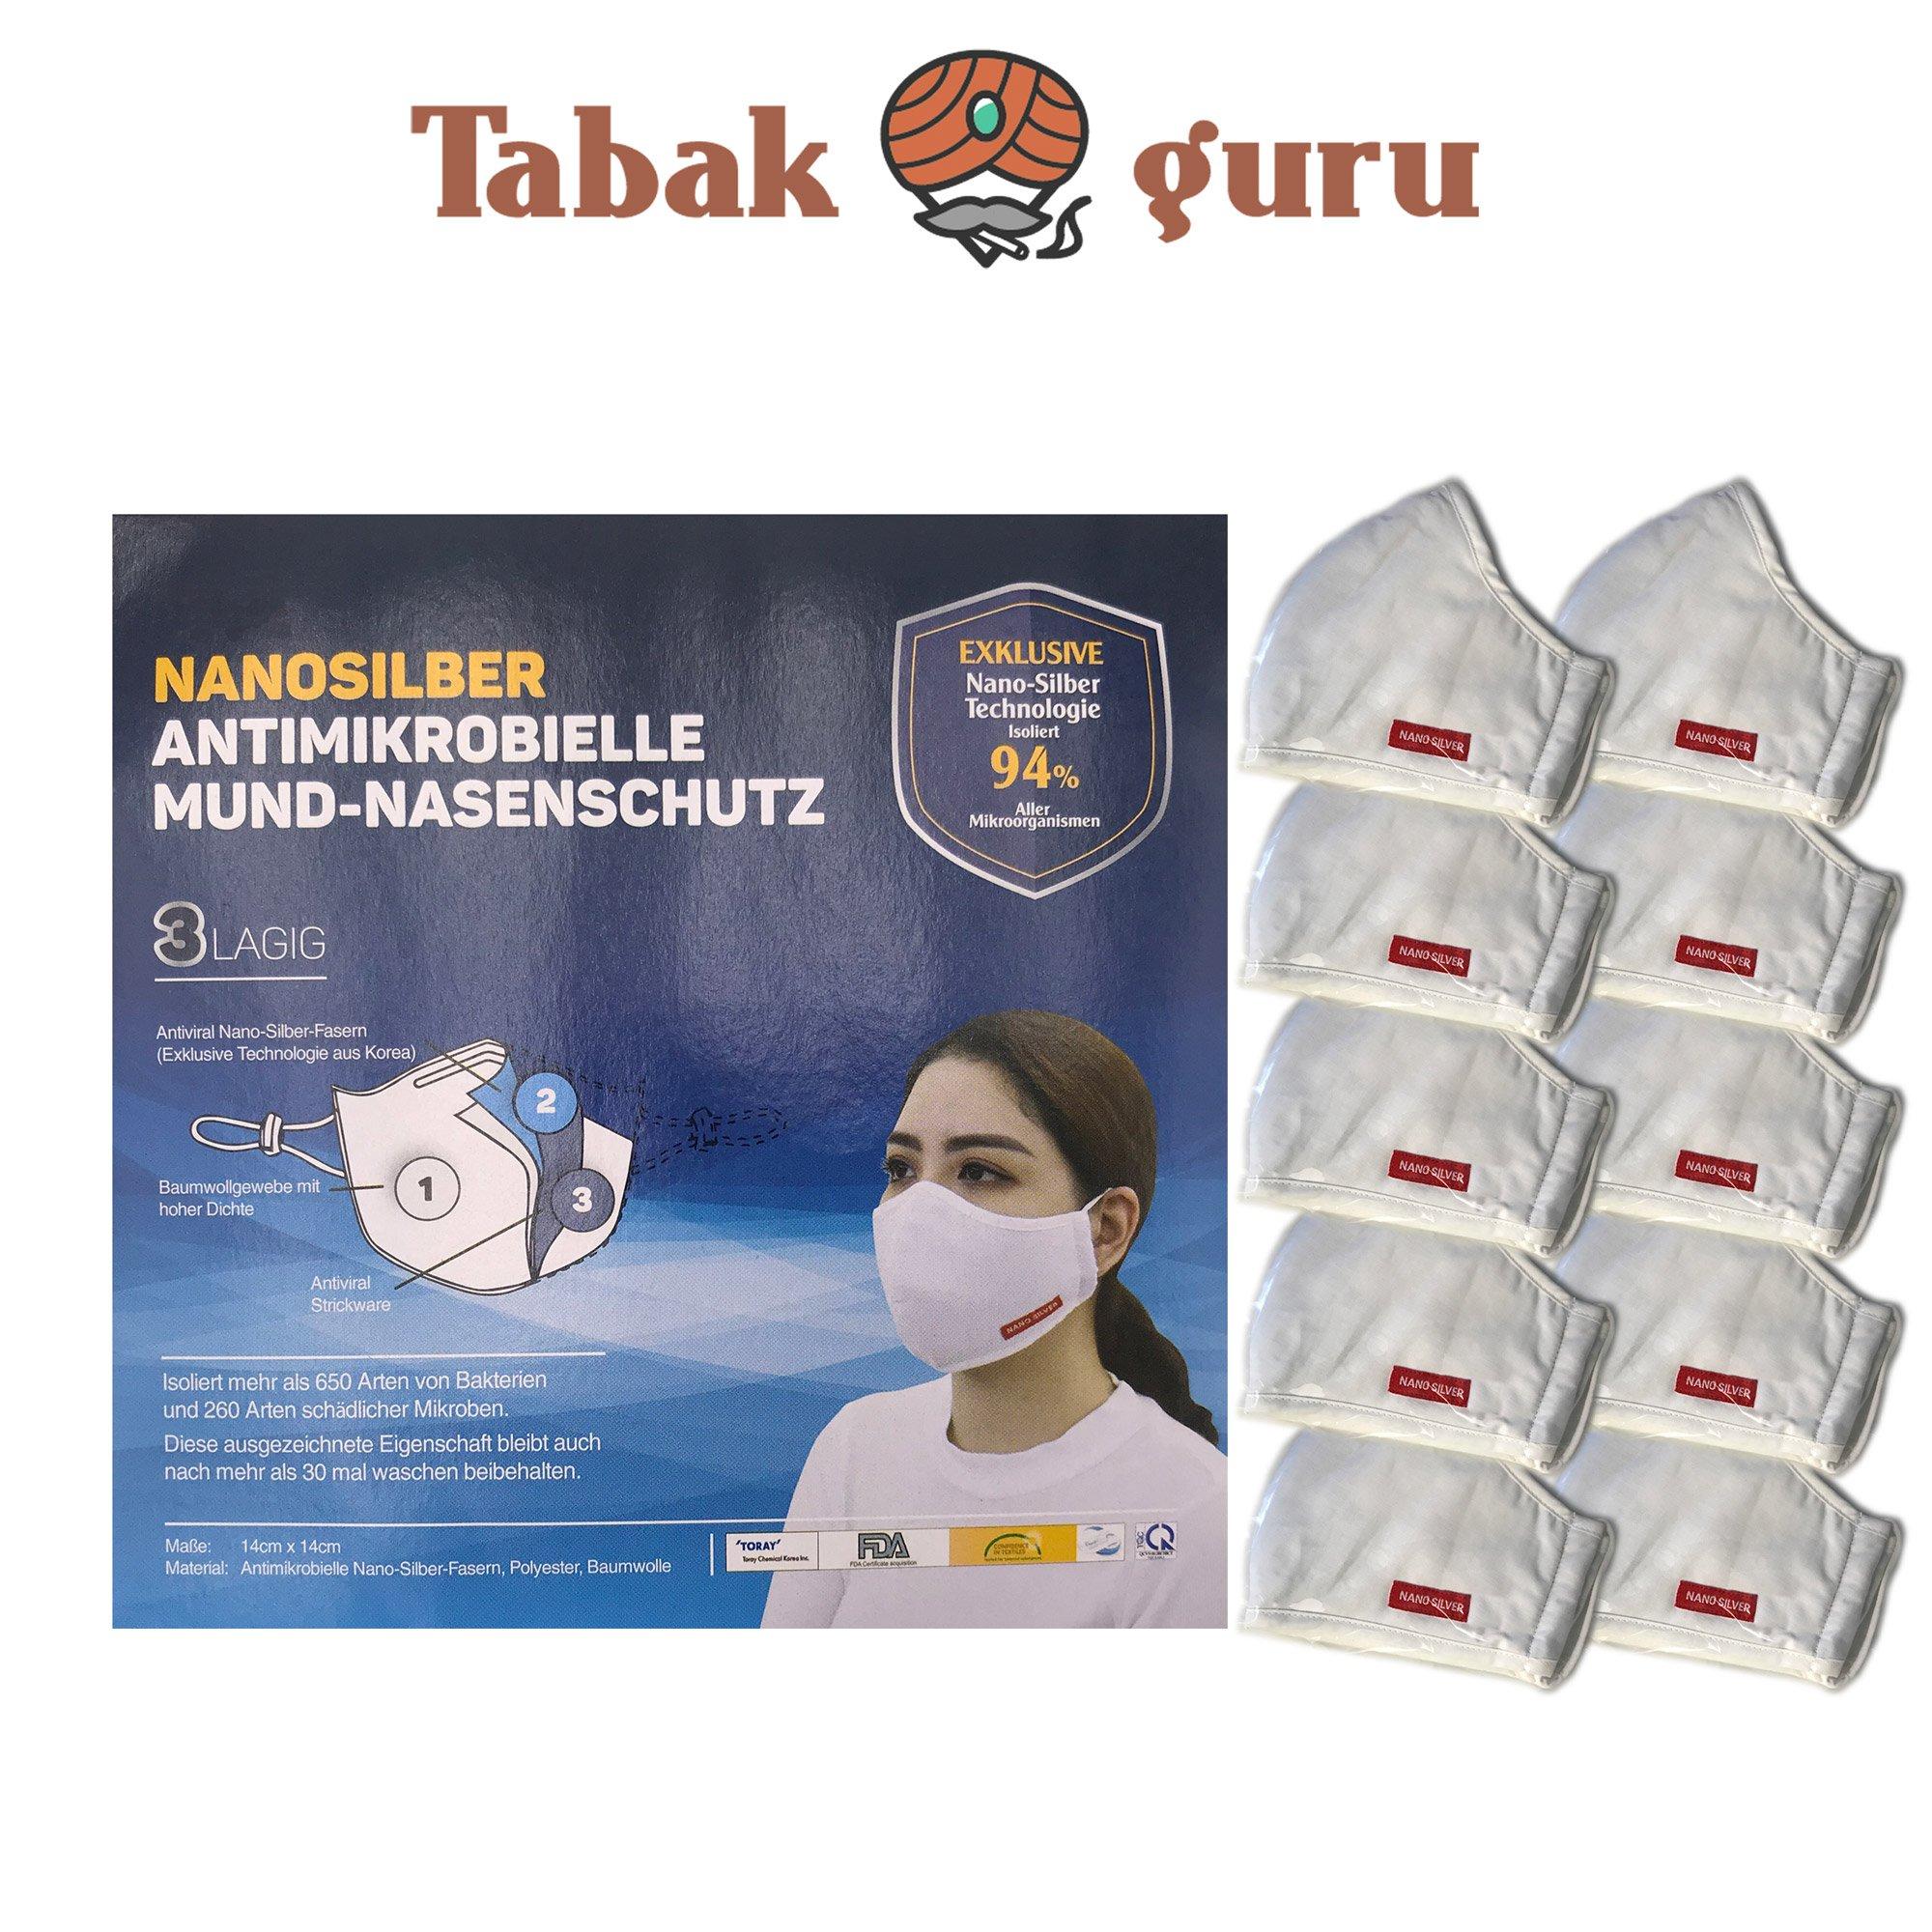 10 x Atemschutzmaske waschbar, Mund-Nasenschutz, Nanosilber, Antimikrobiell, 3lagig, waschbar